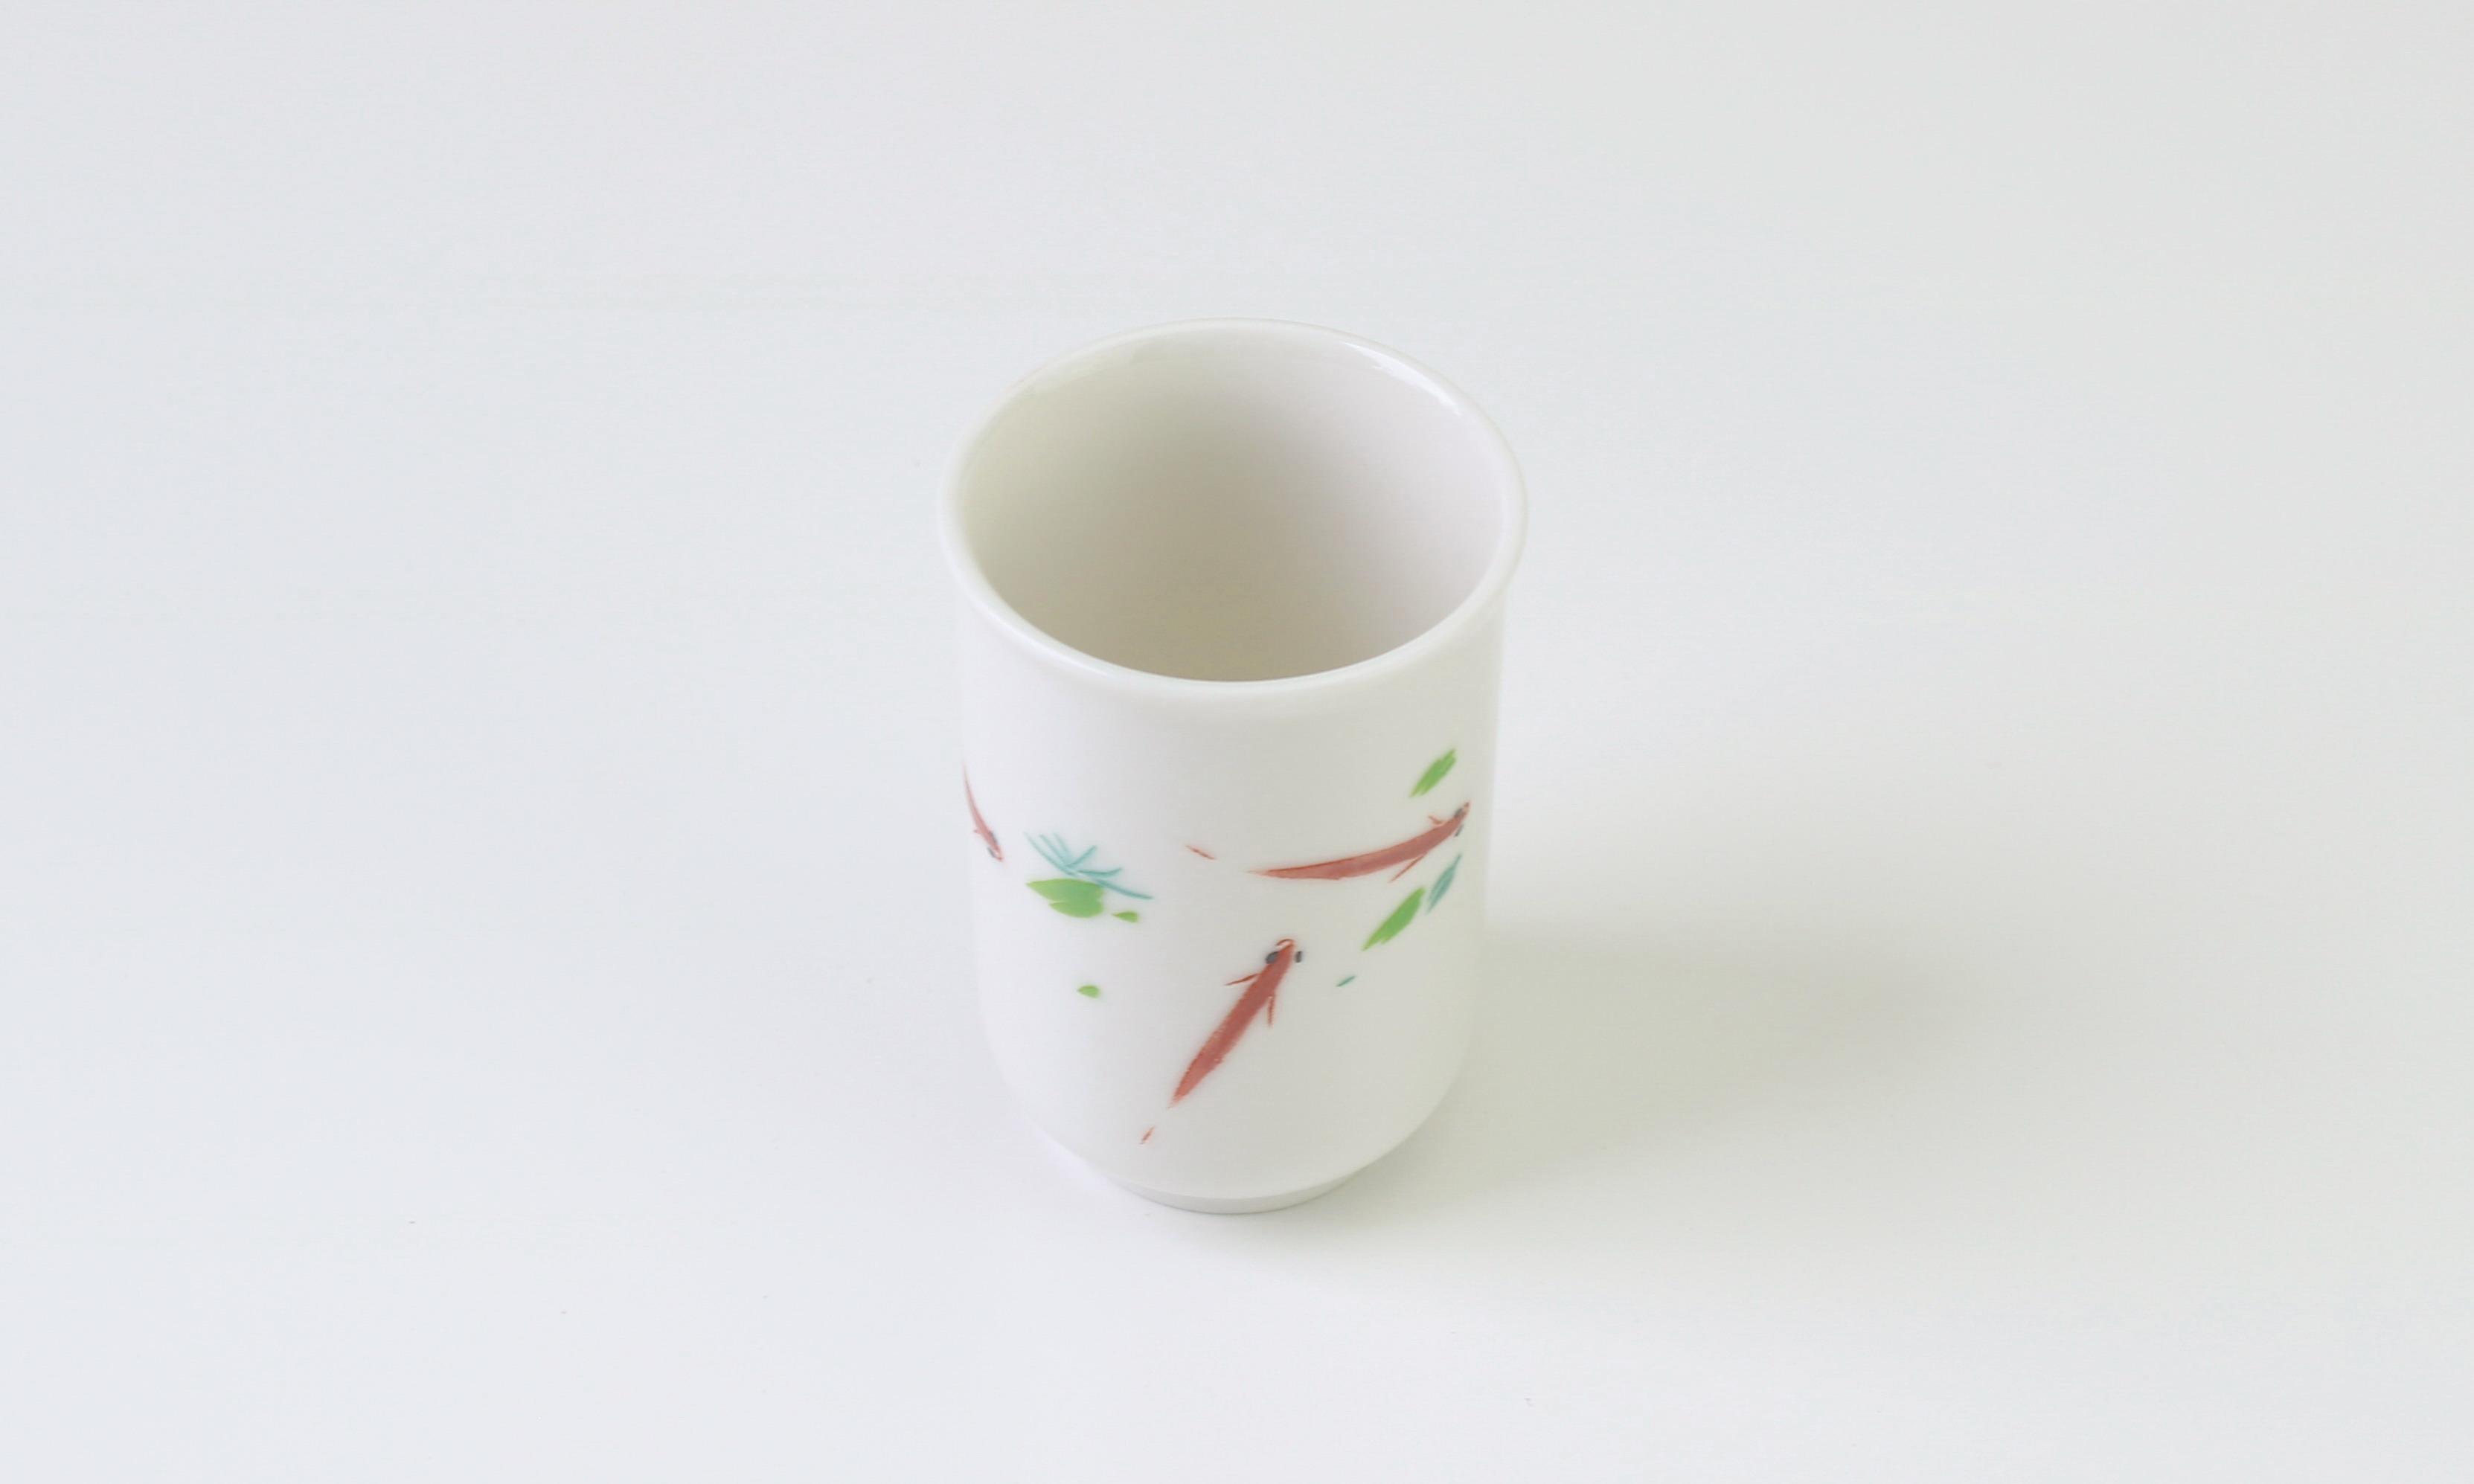 飲杯 牙白 聞香杯浮魚 35cc いんはいがはくもんこうはいうきうお Smelling cup Pelagic fish